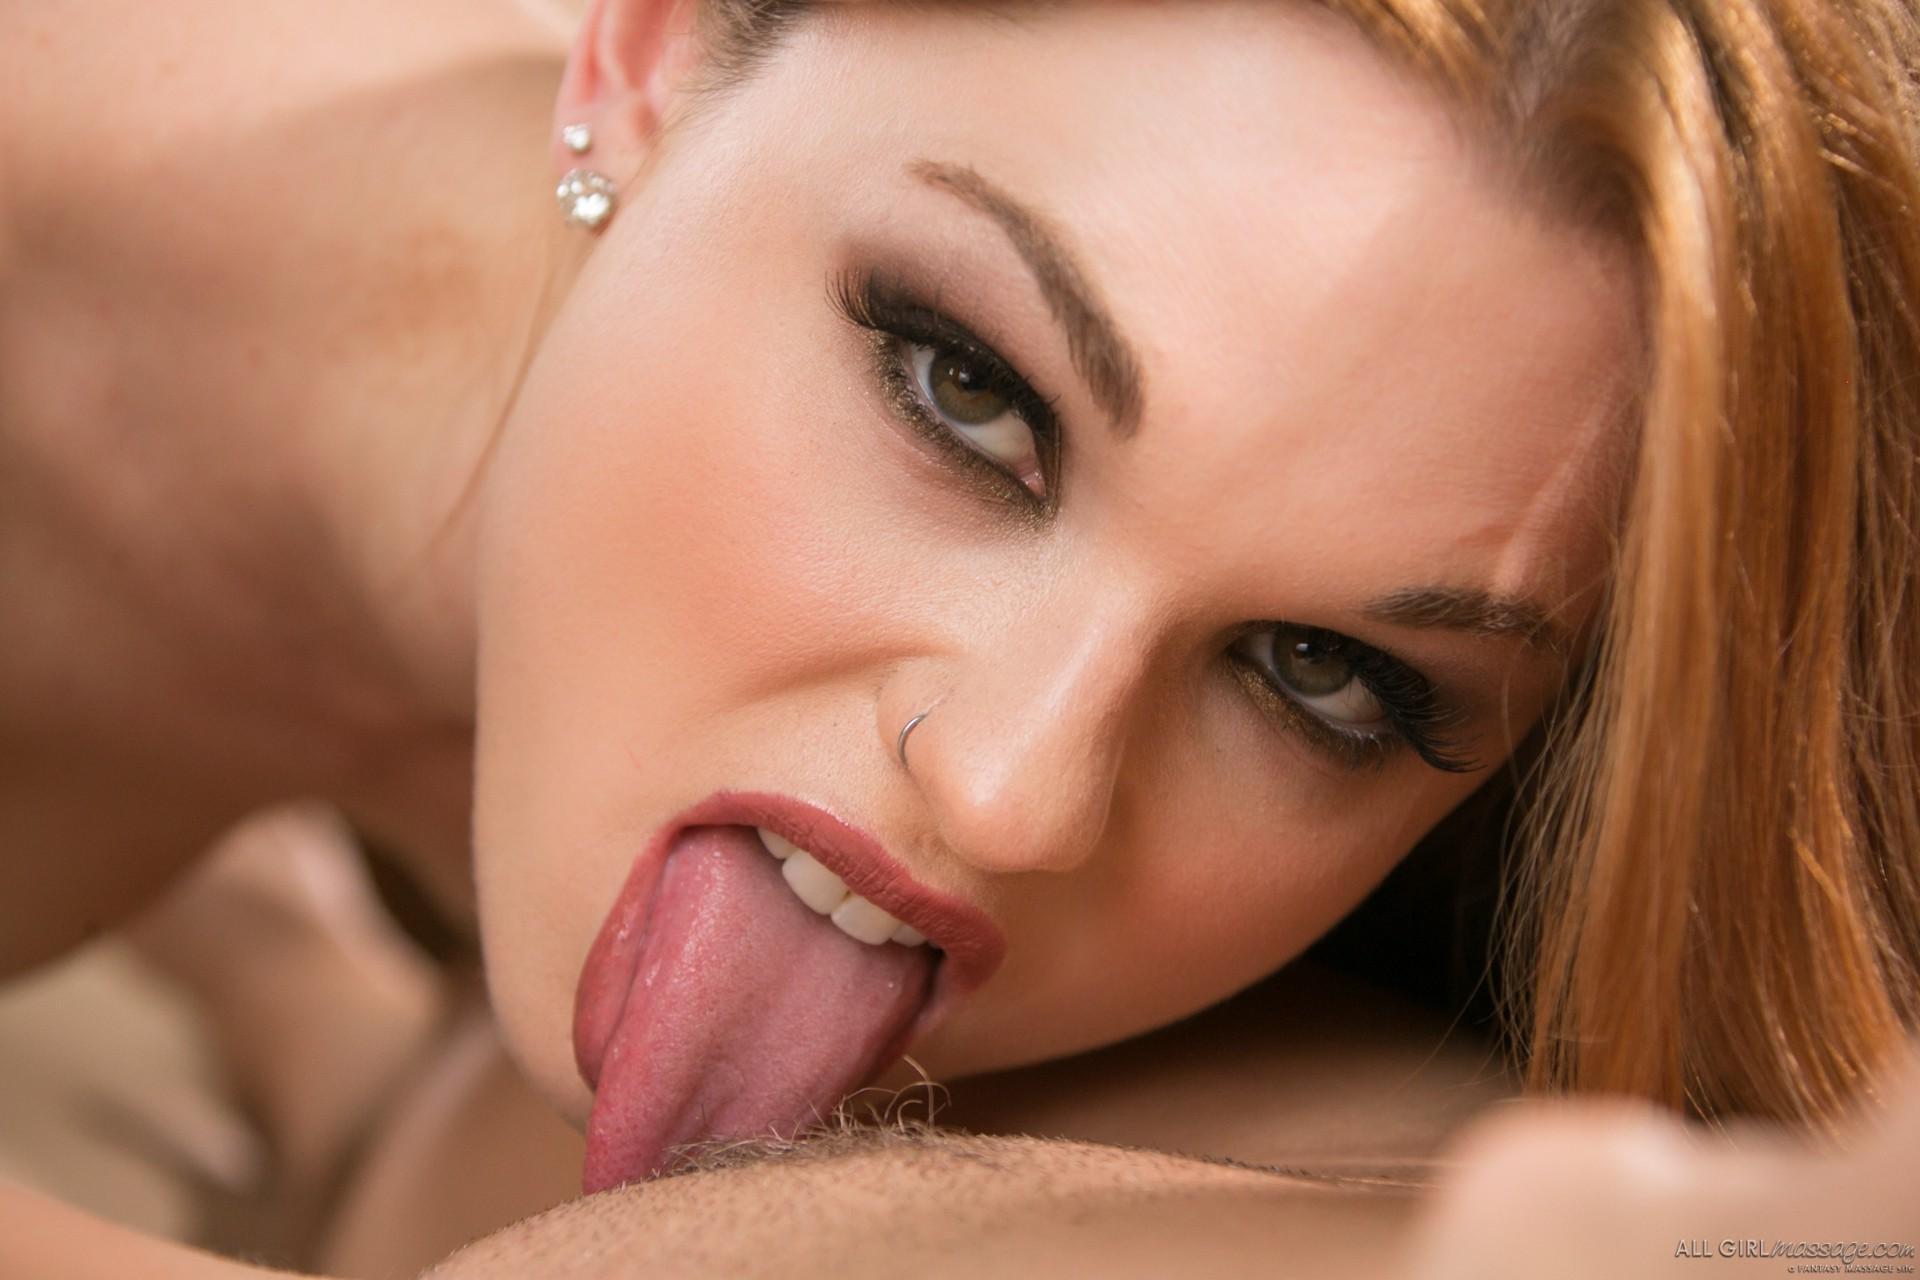 Придя на массаж молодая женщина не думала, не гадала, что станет лесбиянкой